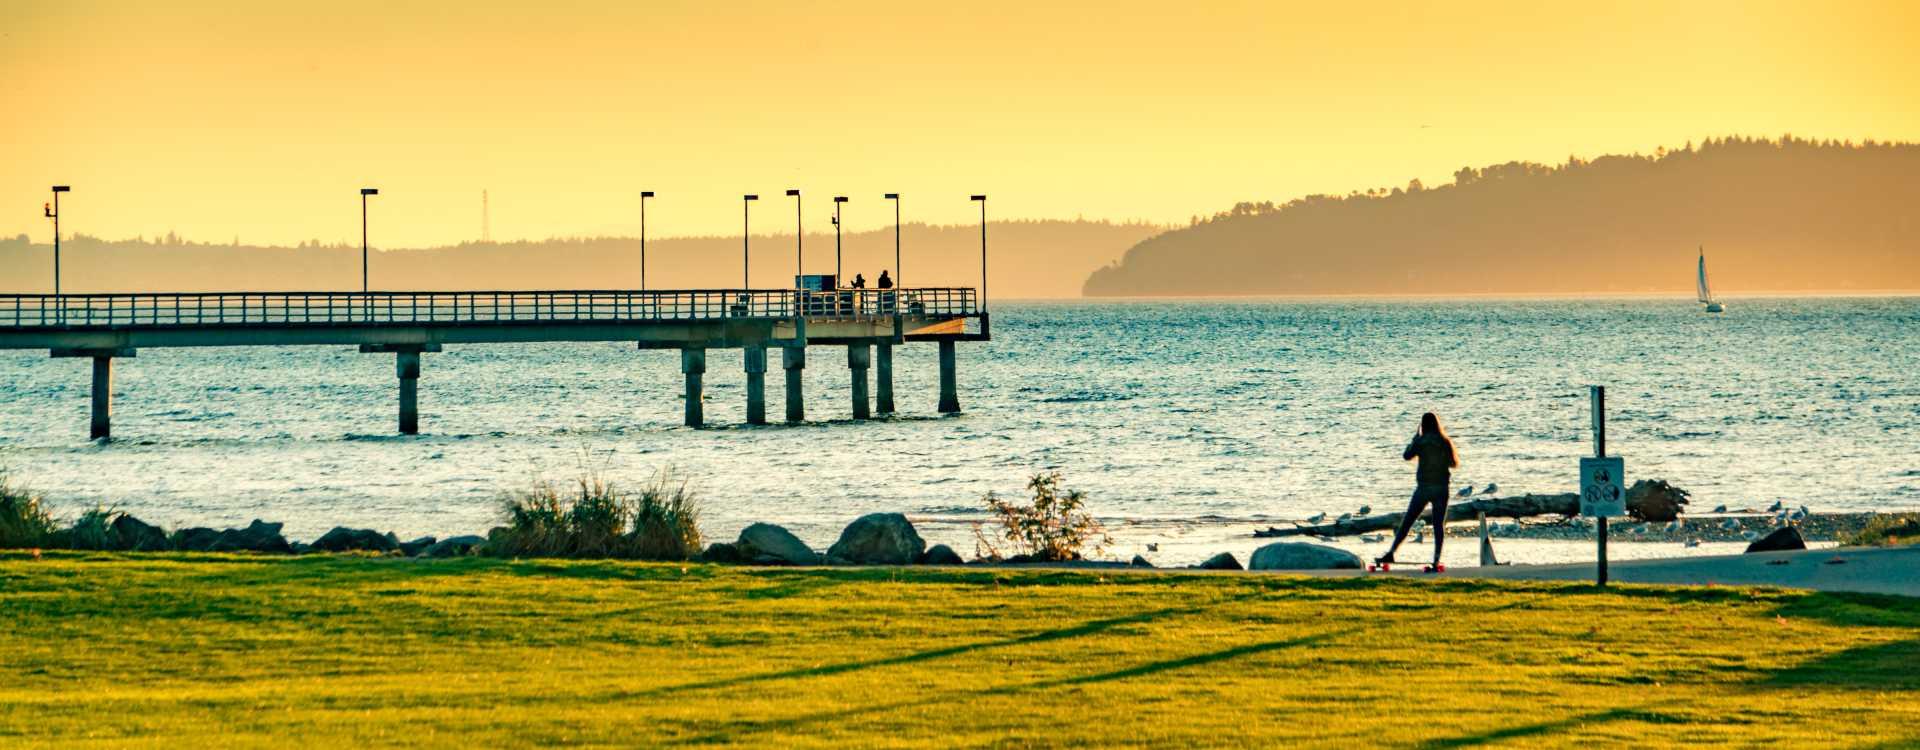 Des-Moines-Beach-Park-Sunset